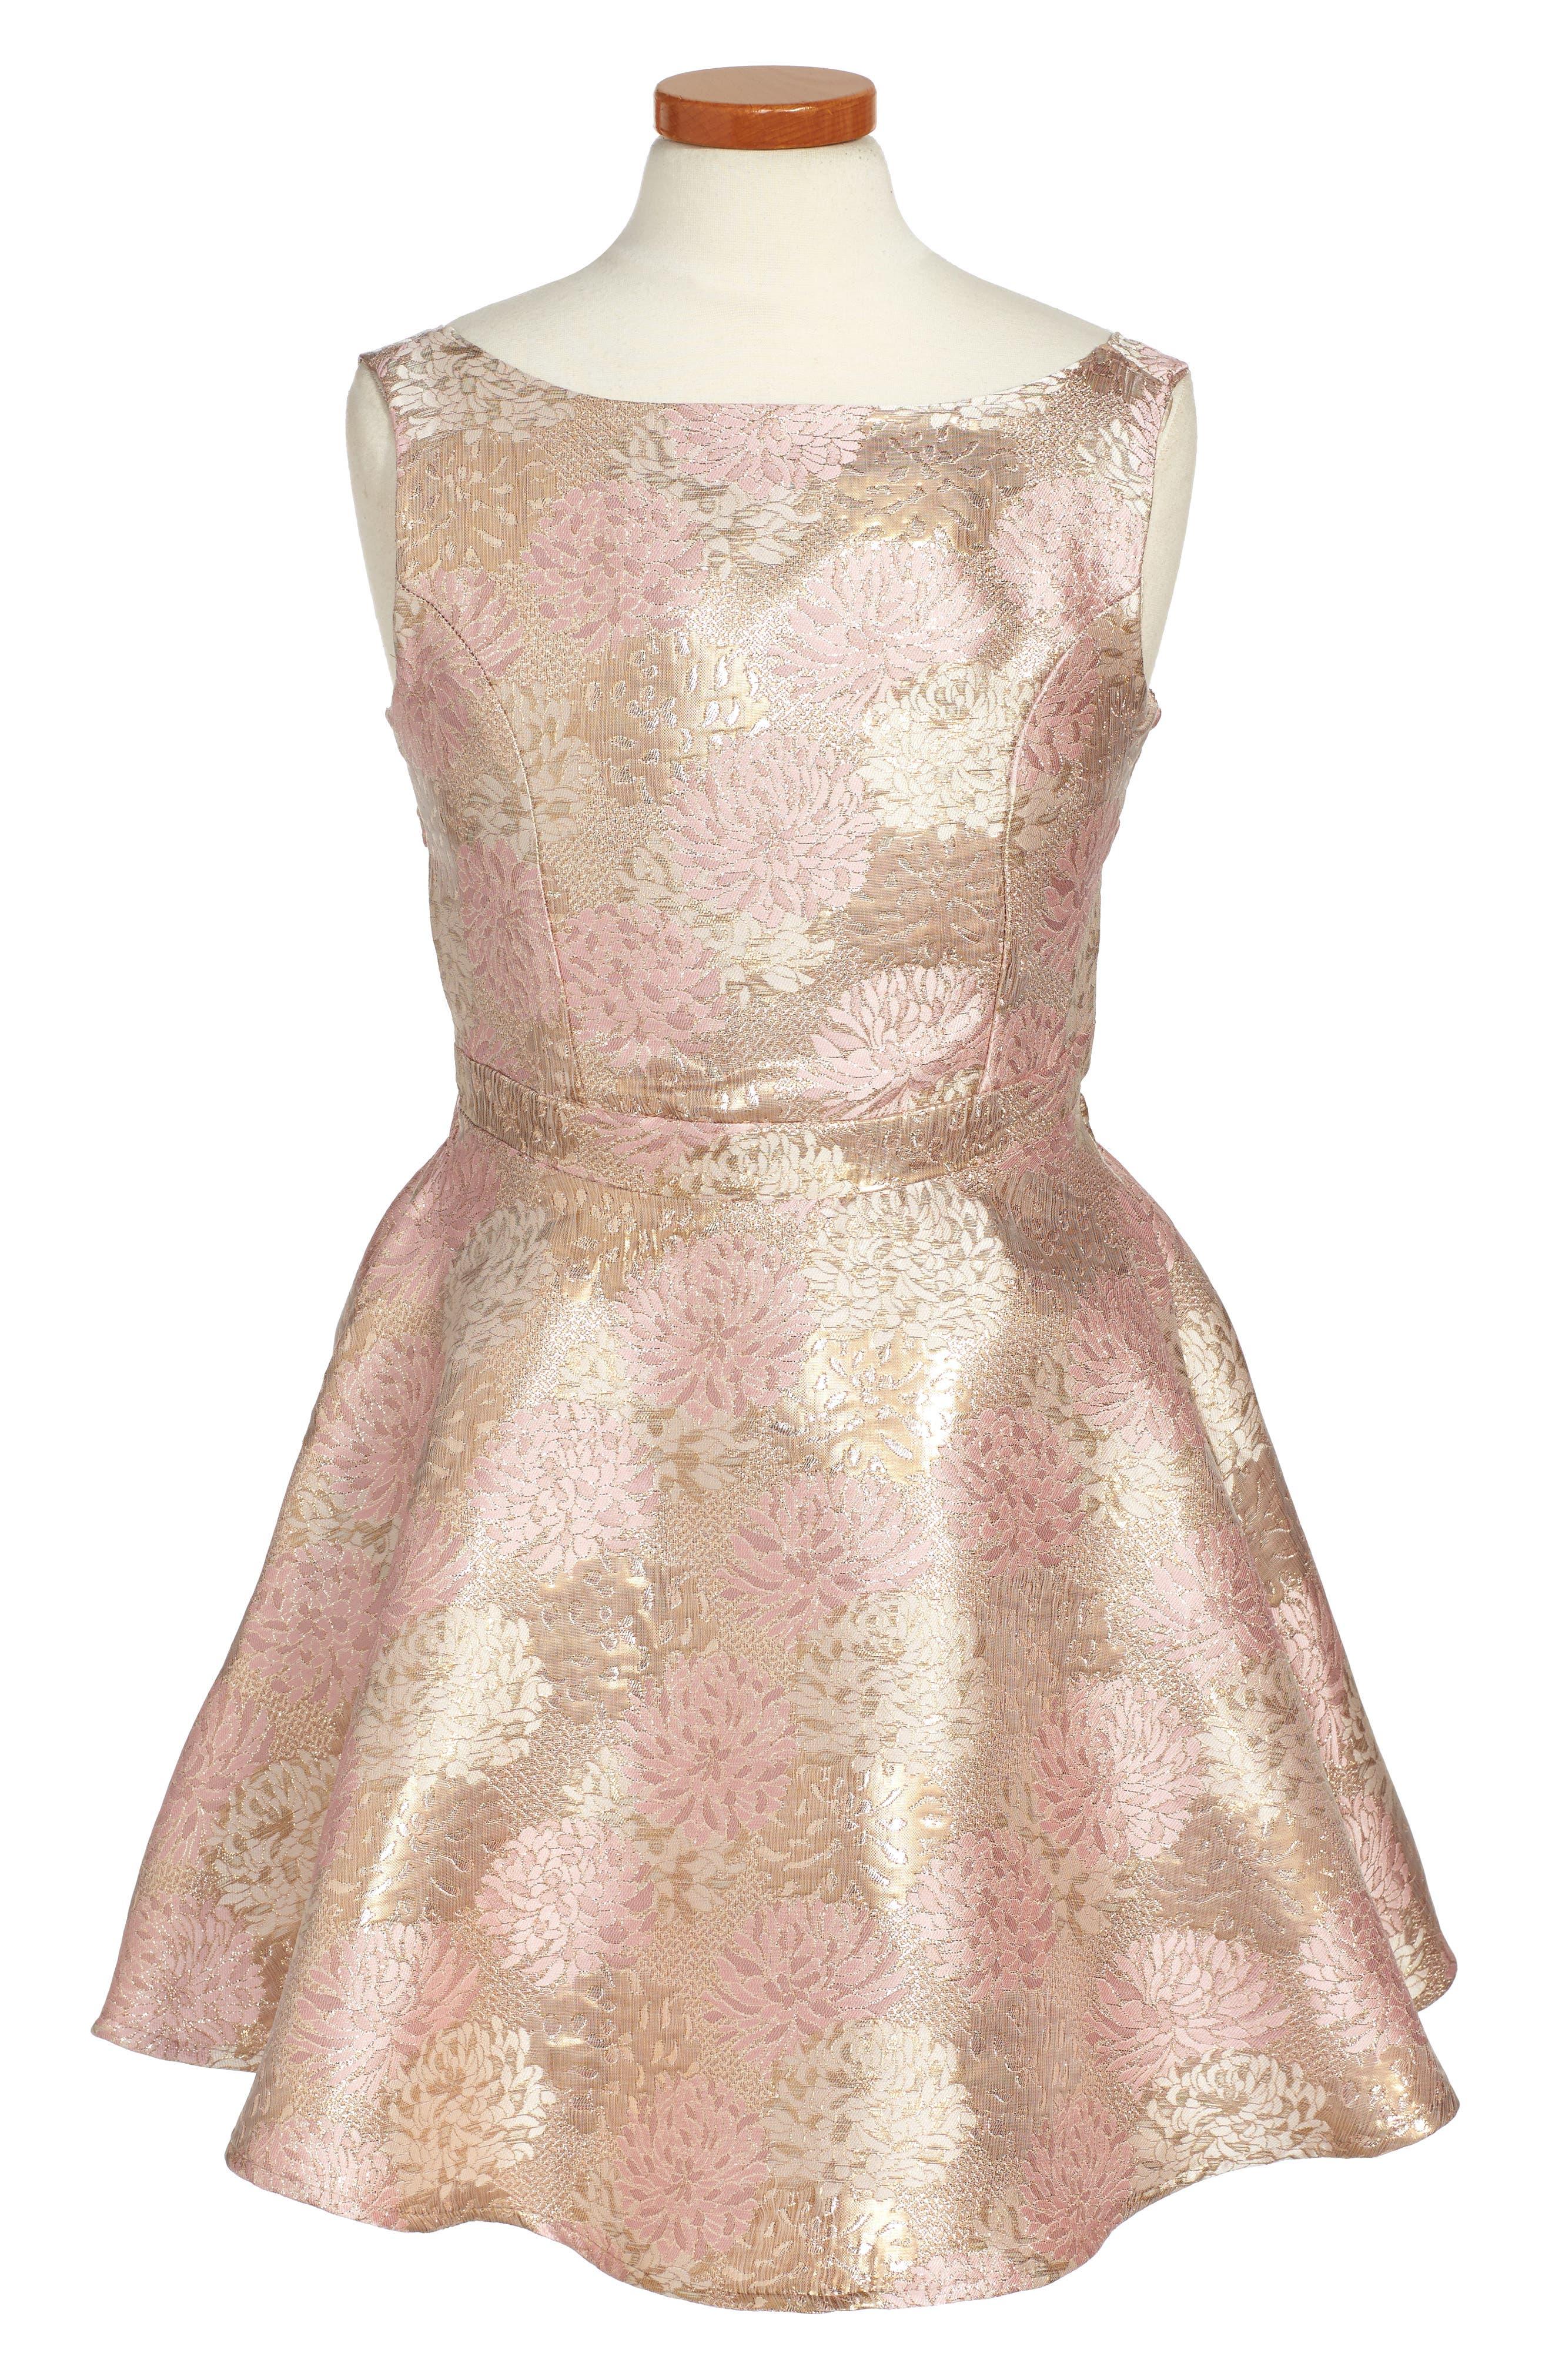 Floral Jacquard Skater Dress,                         Main,                         color, Pink/ Gold Floral